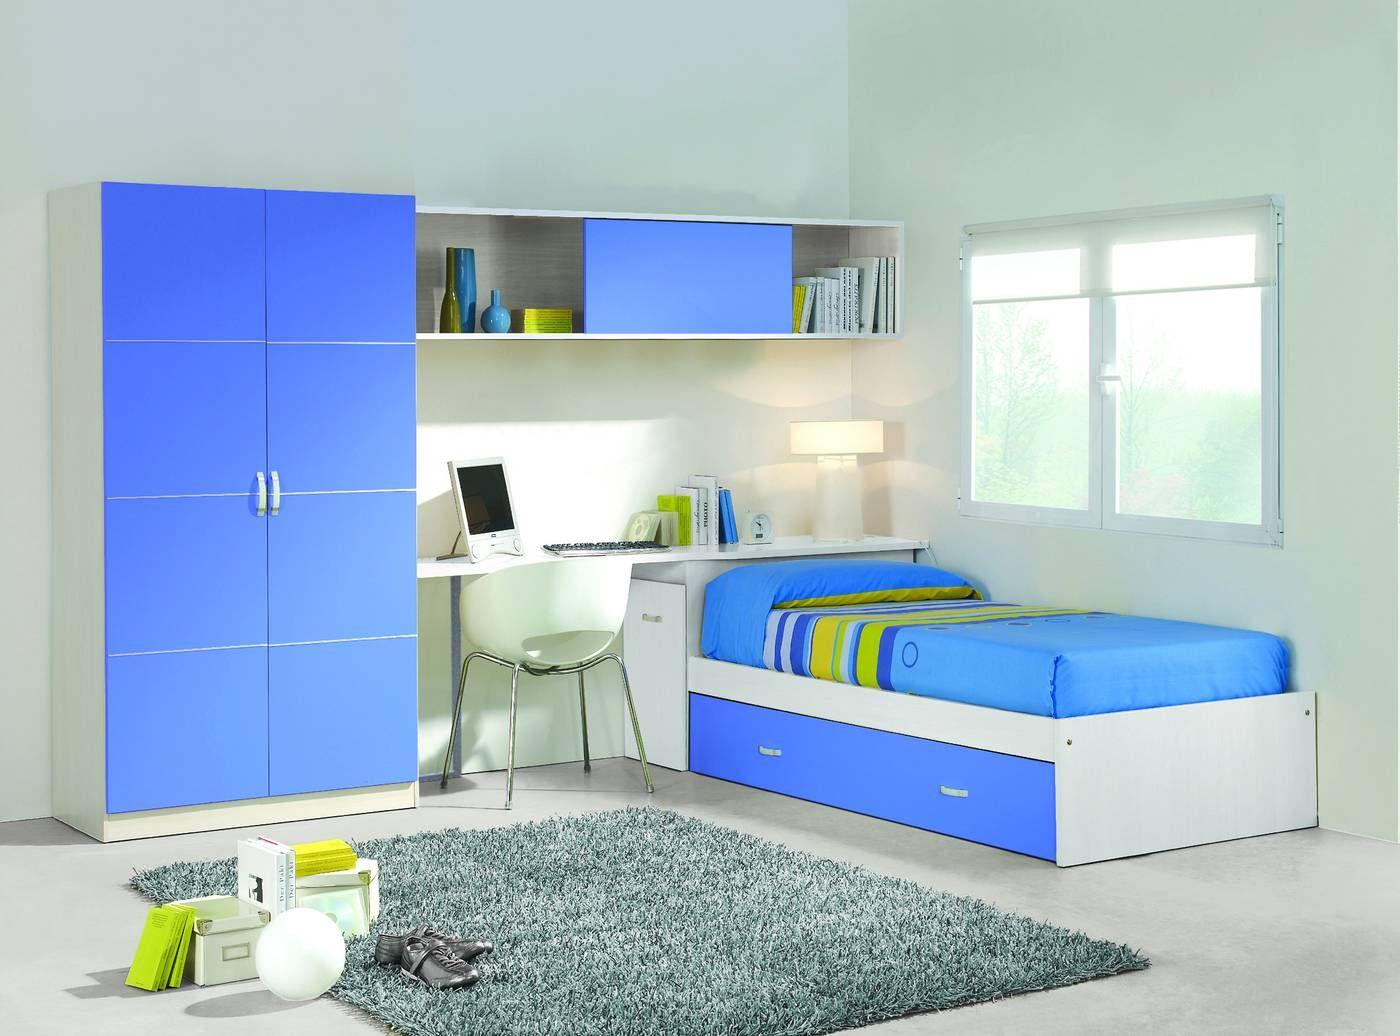 Hogar y jardin mobiliario tipo m dulo para habitaciones for Mobiliario para hogar